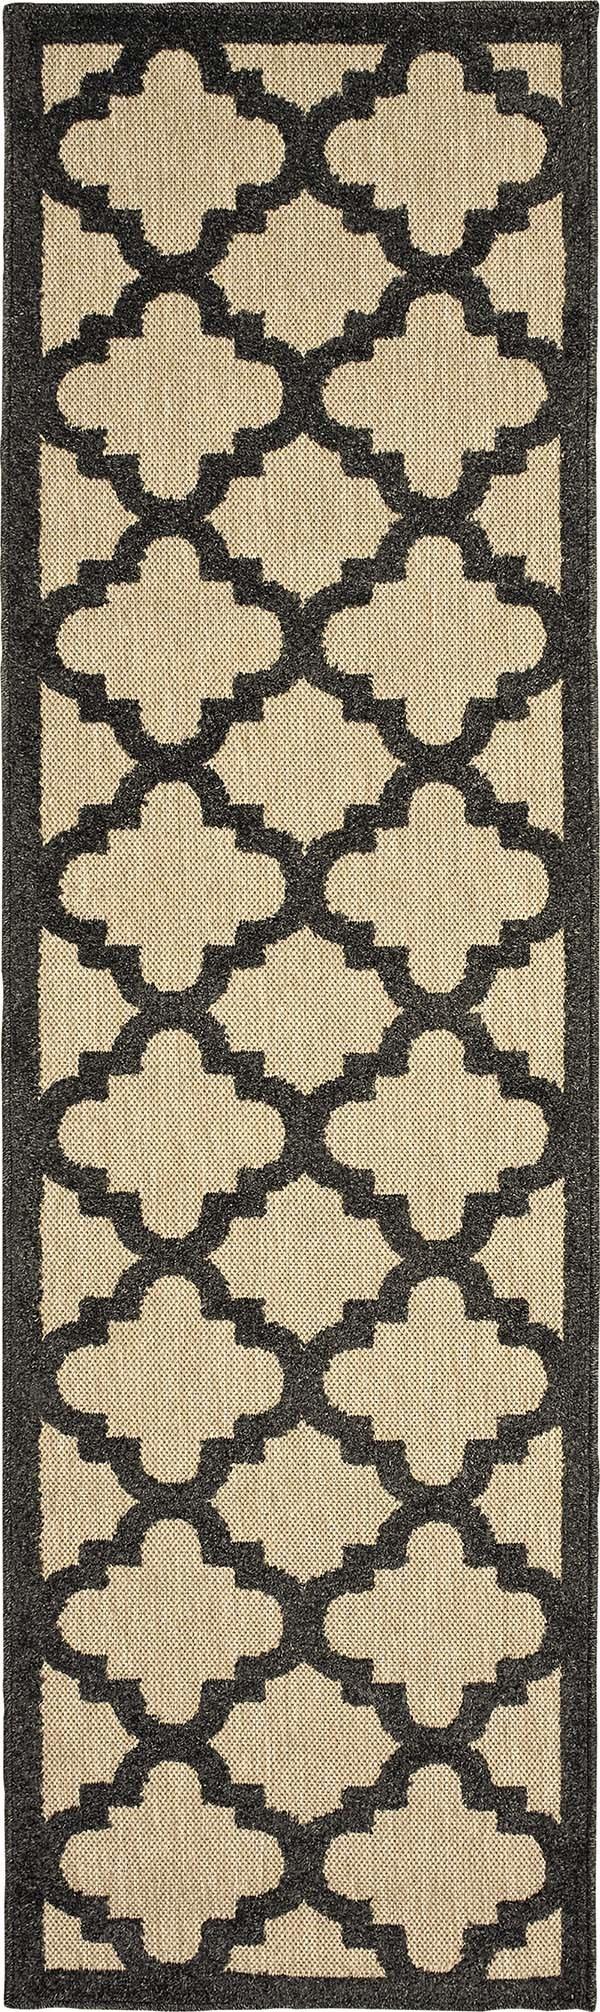 Sand, Charcoal (N9) Outdoor / Indoor Area Rug